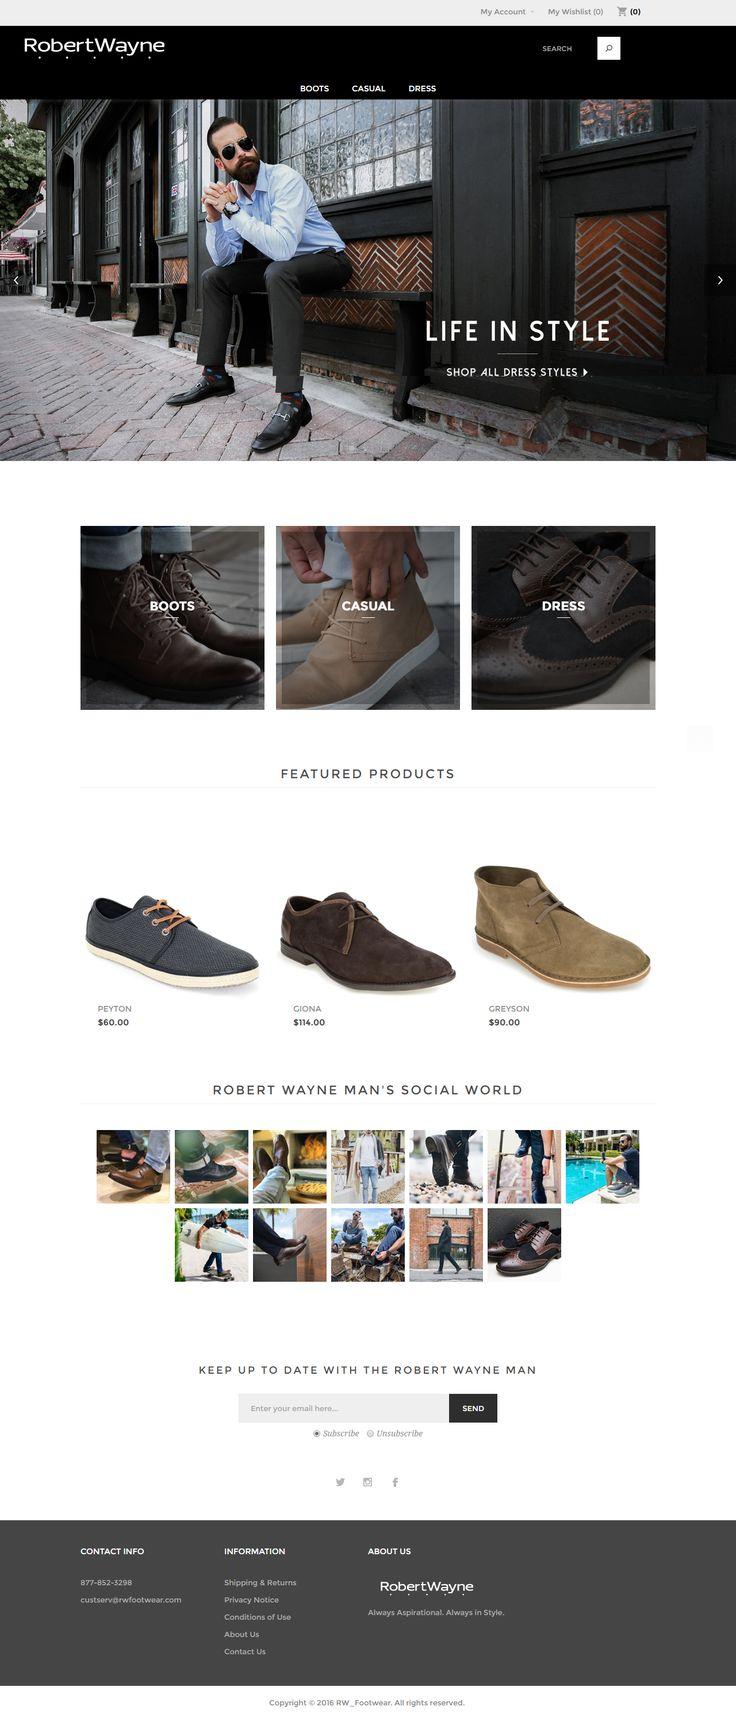 http://rwfootwear.com/en/